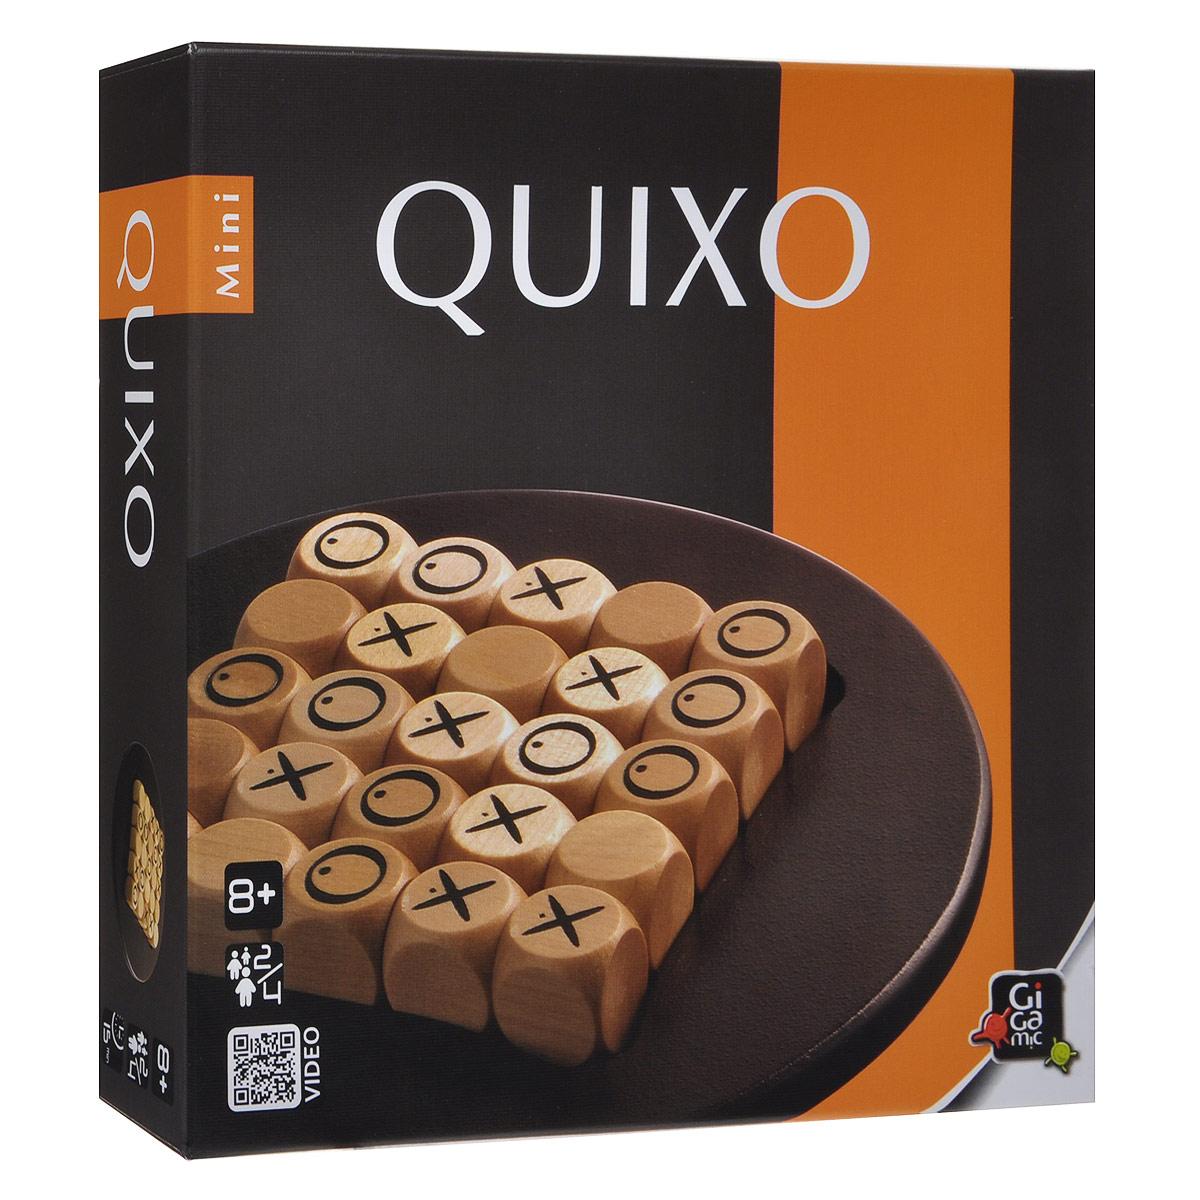 Настольная игра Квиксо, мини-версияР61783Настольная мини-игра Квиксо (Quixo Mini) - это прекрасный способ времяпрепровождения, такое развлечение придется по душе, как взрослым, так и детям. «Квиксо» обманчиво напоминает знакомые всем крестики-нолики, но на самом деле она гораздо интереснее. Цель игры - составить ряд из 5 своих символов. Все было бы просто, если бы кубики были неподвижны, но каждый ход игроки меняют расположение кубиков, сдвигая один из рядов. Так что, совершенно внезапно, вы можете оказаться на грани поражения! В комплект игры входят: игровое поле, 25 деревянных кубиков, мешочек для хранения и правила игры на русском языке. Количество: 2-4 игрока. Время игры: 15 минут.